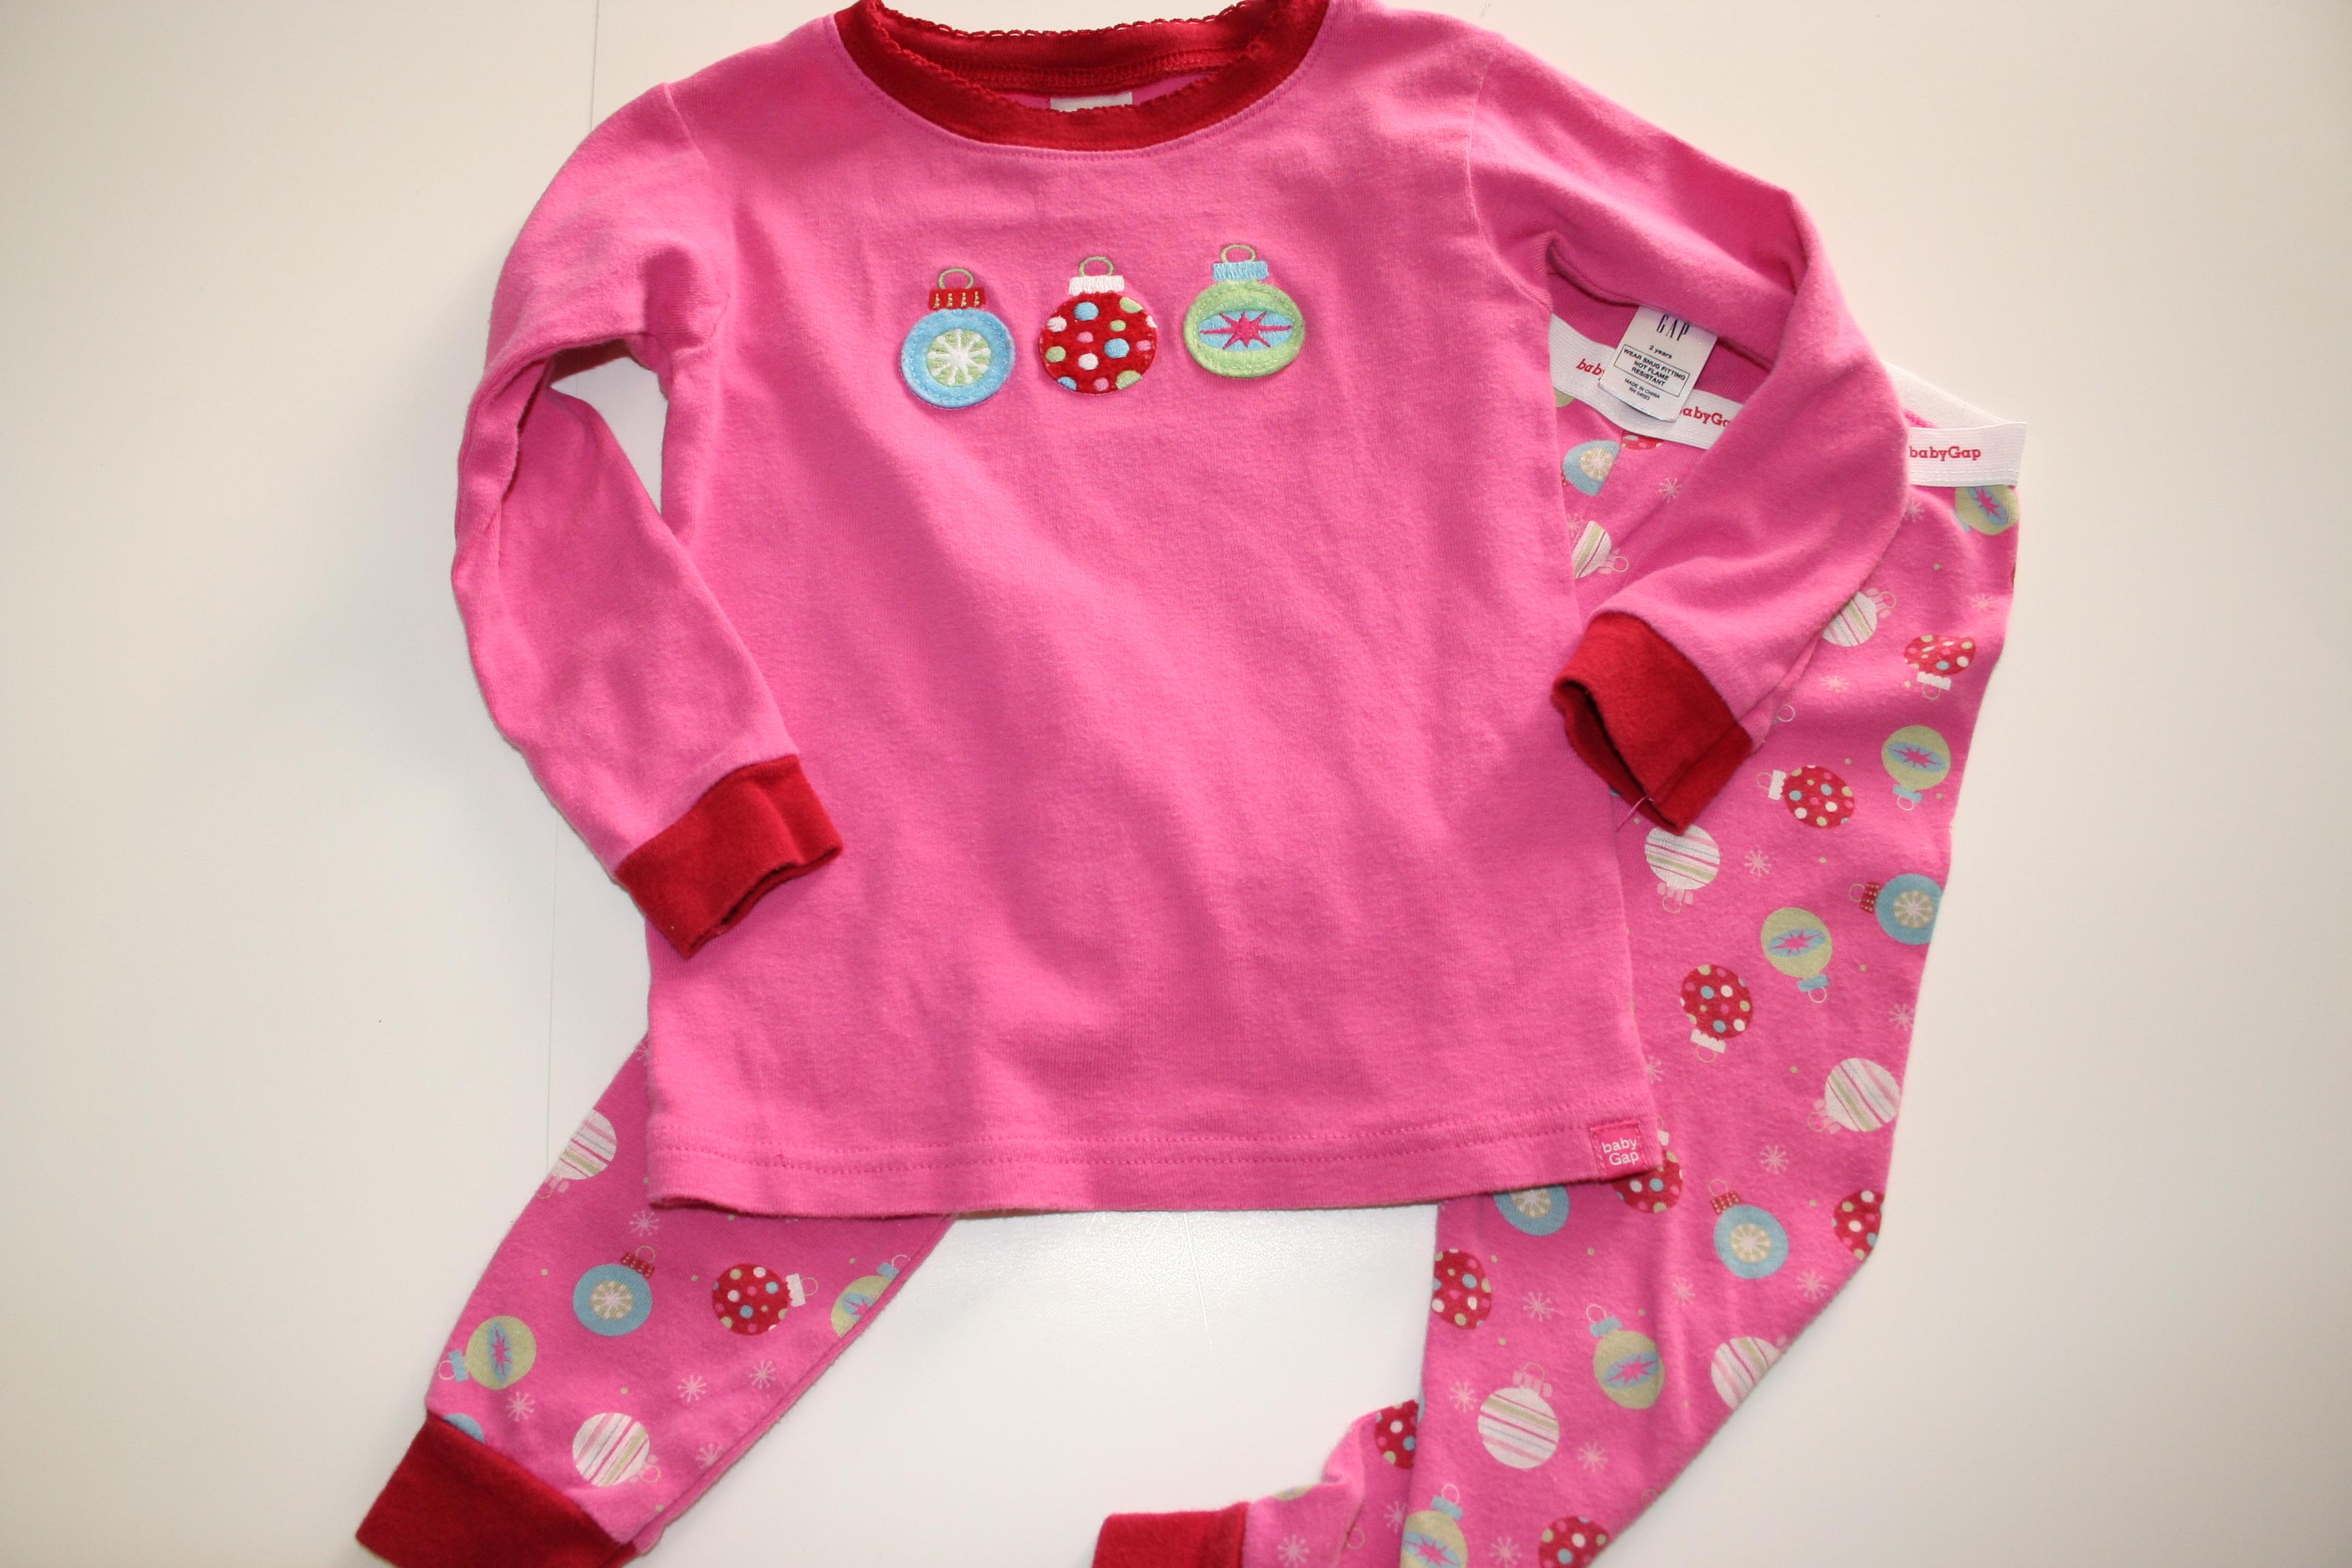 2 baby gap christmas ornament pajamas